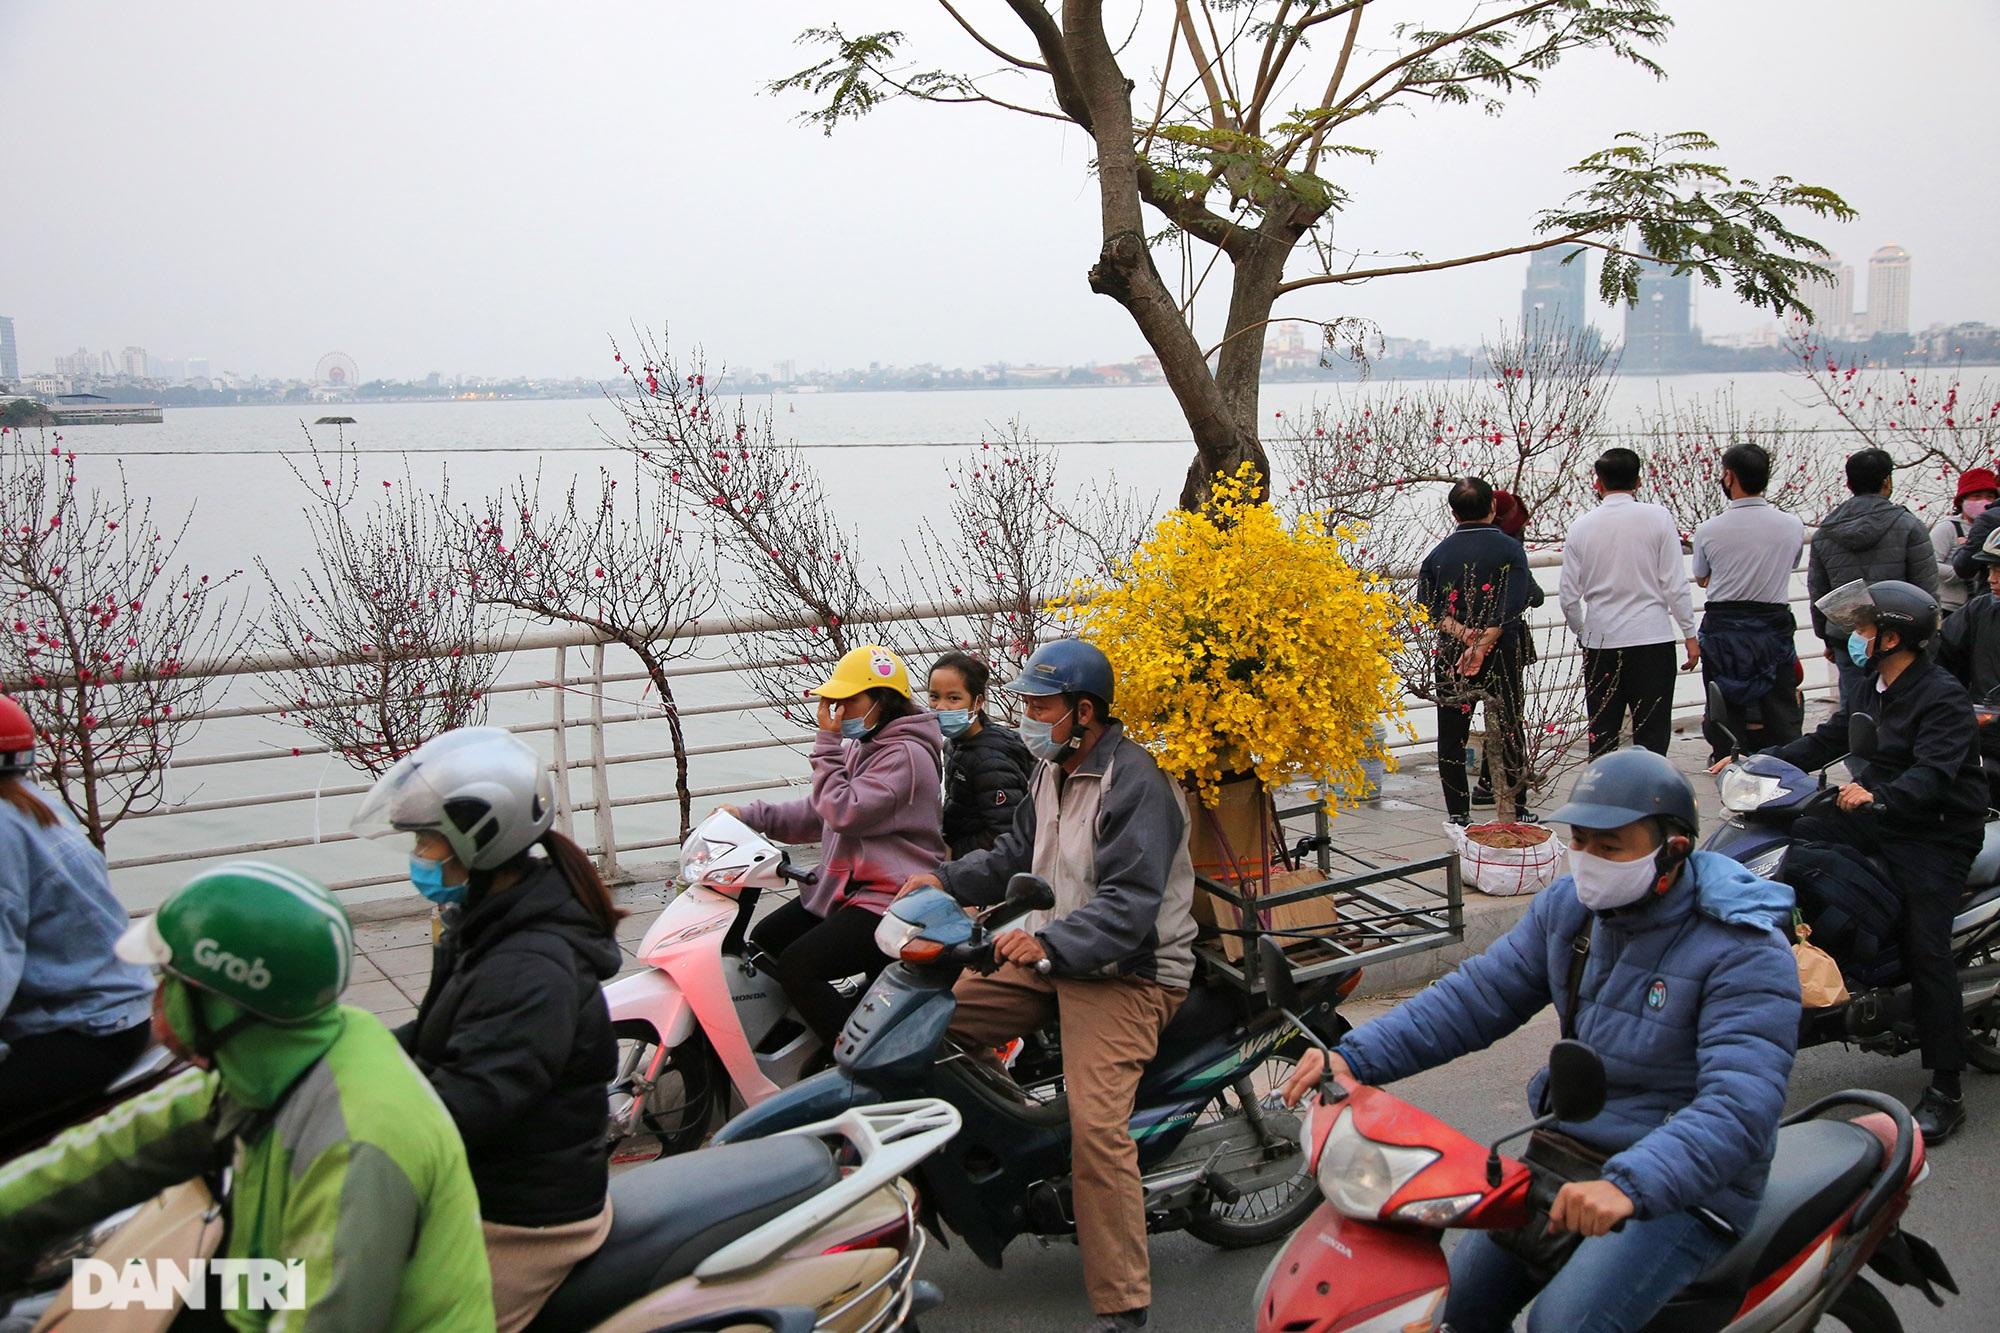 Chợ hoa bày bán trên đường phố Hà Nội đông khách bất chấp dịch Covid-19 - 9